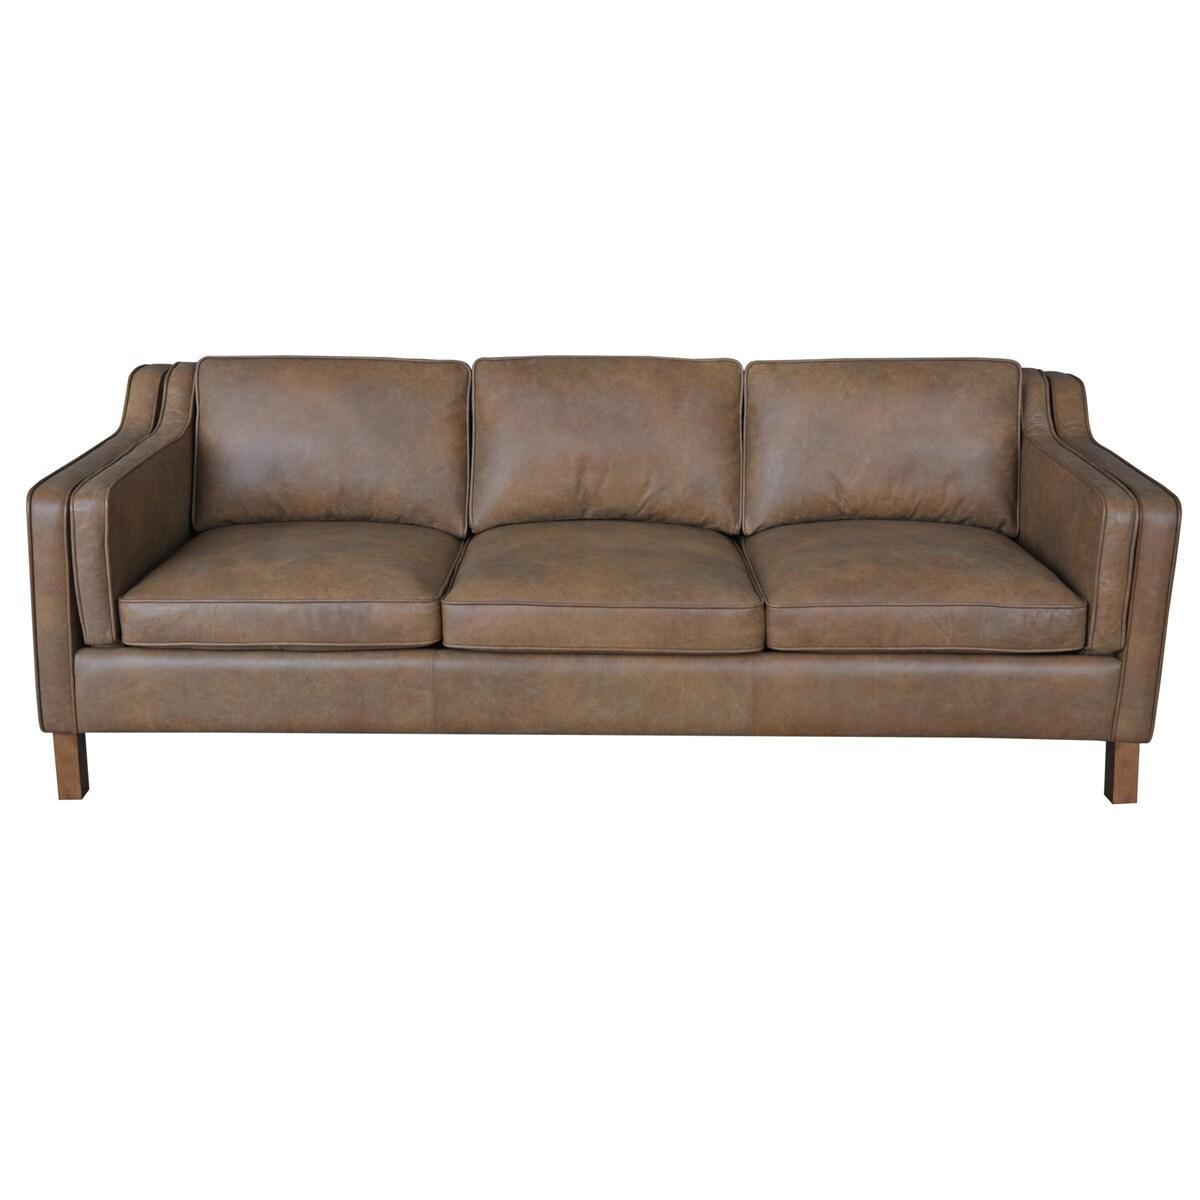 Canape futon sof for Canape oxford honey leather sofa